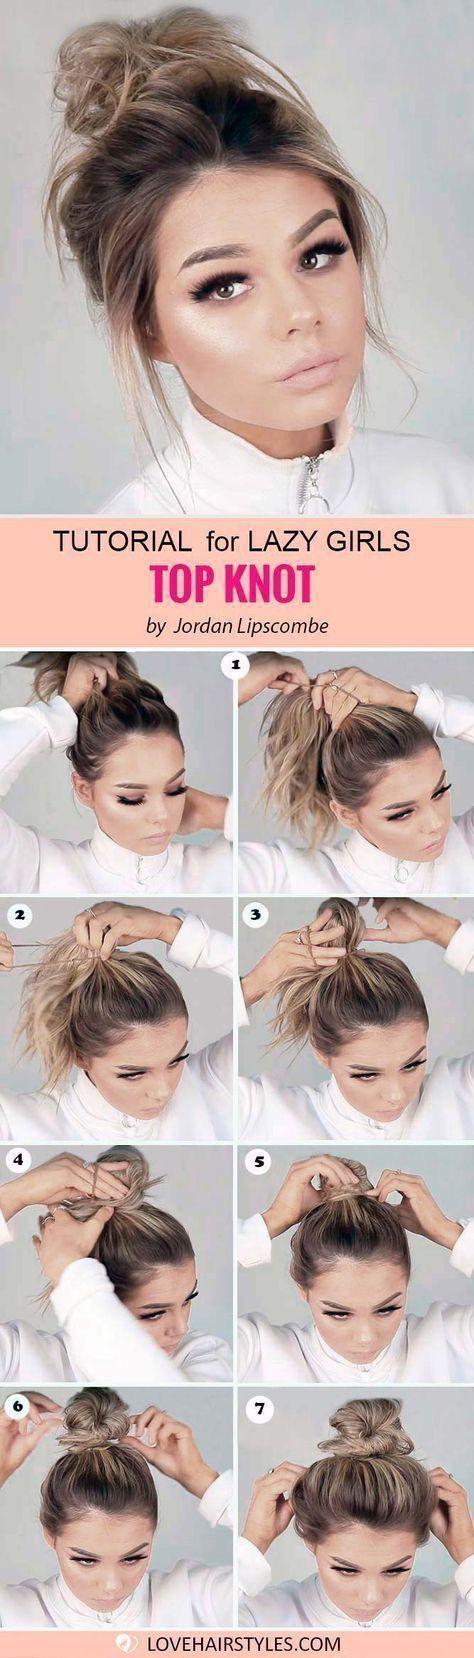 6 Günstige und einfache Tipps: Updos Frisur für Mädchen jeden Tag Frisuren updo.Black Frauen Frisuren Zeichen Hochsteckfrisuren Frisur für Mädchen.Brünette Frisuren B